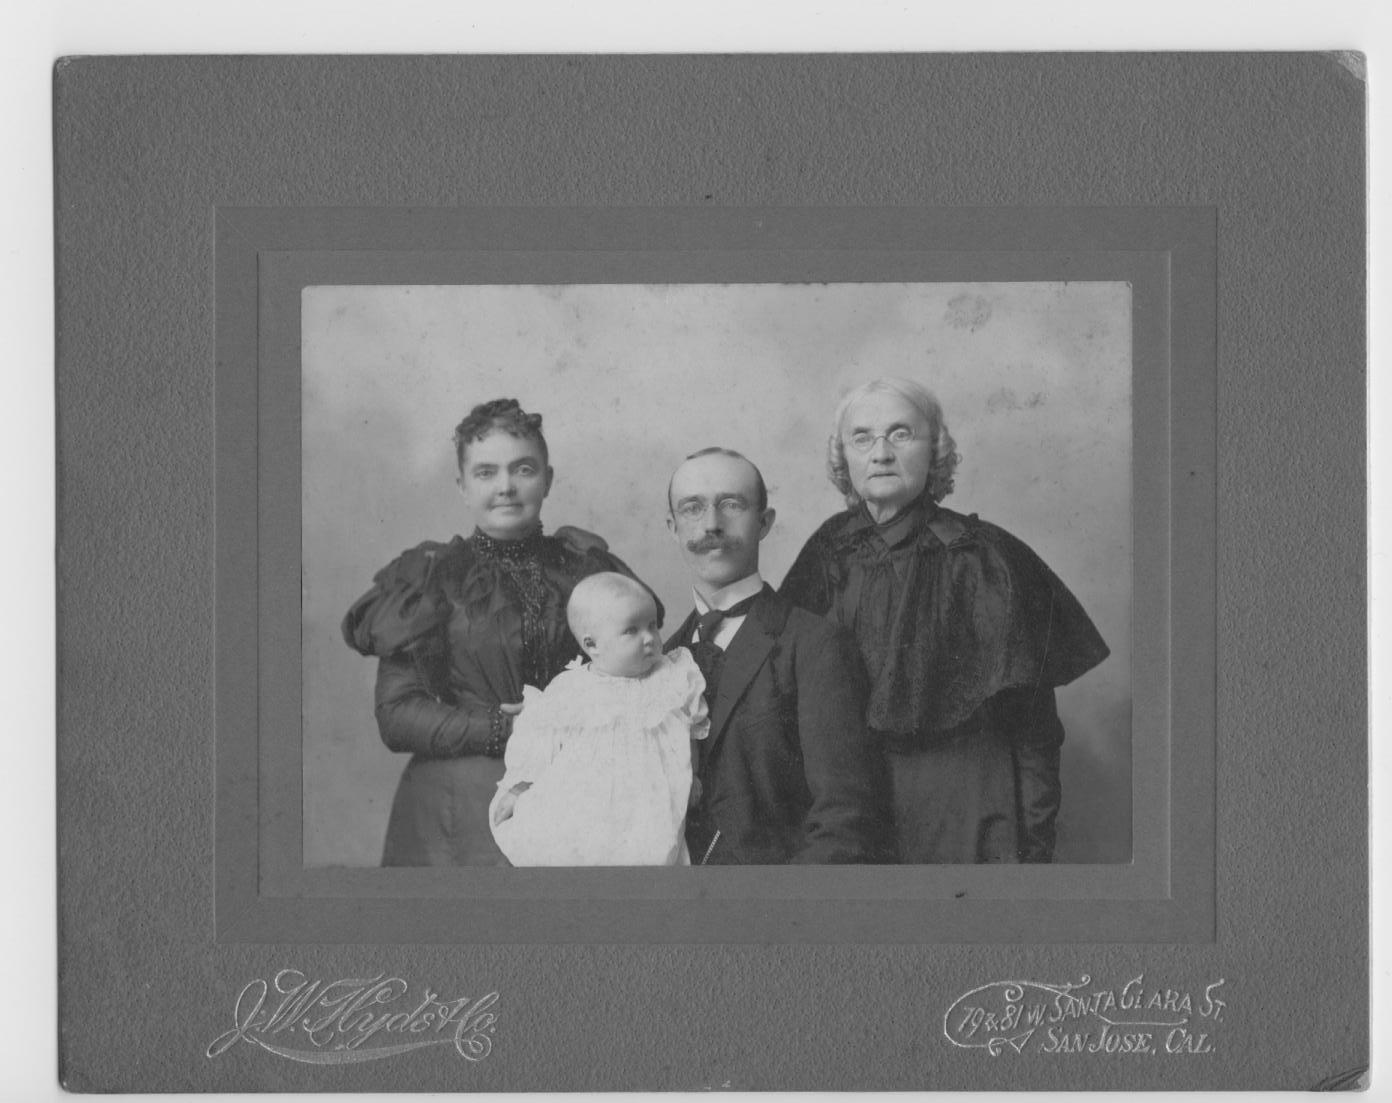 Wright Family Photos